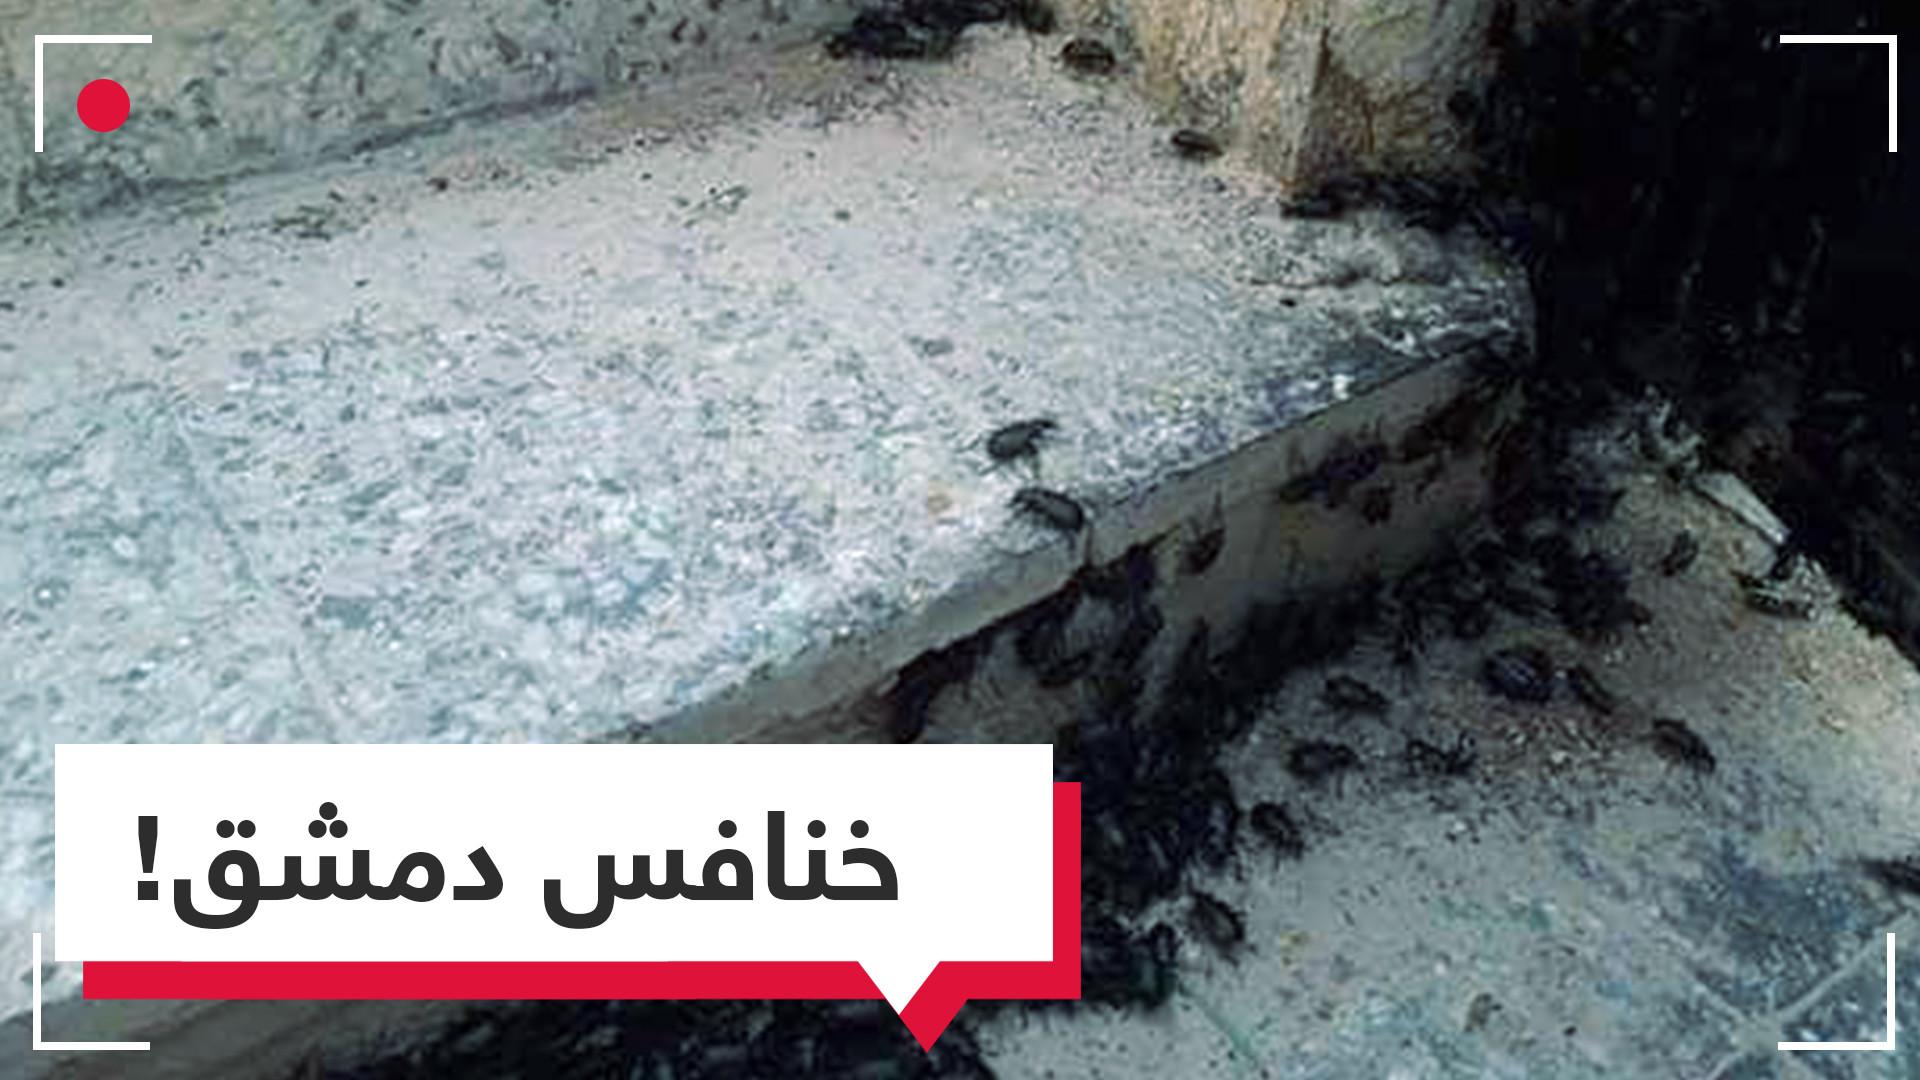 بعد البنزين.. الخنافس أزمة السوريين الجديدة التي تزحف نحو دمشق!